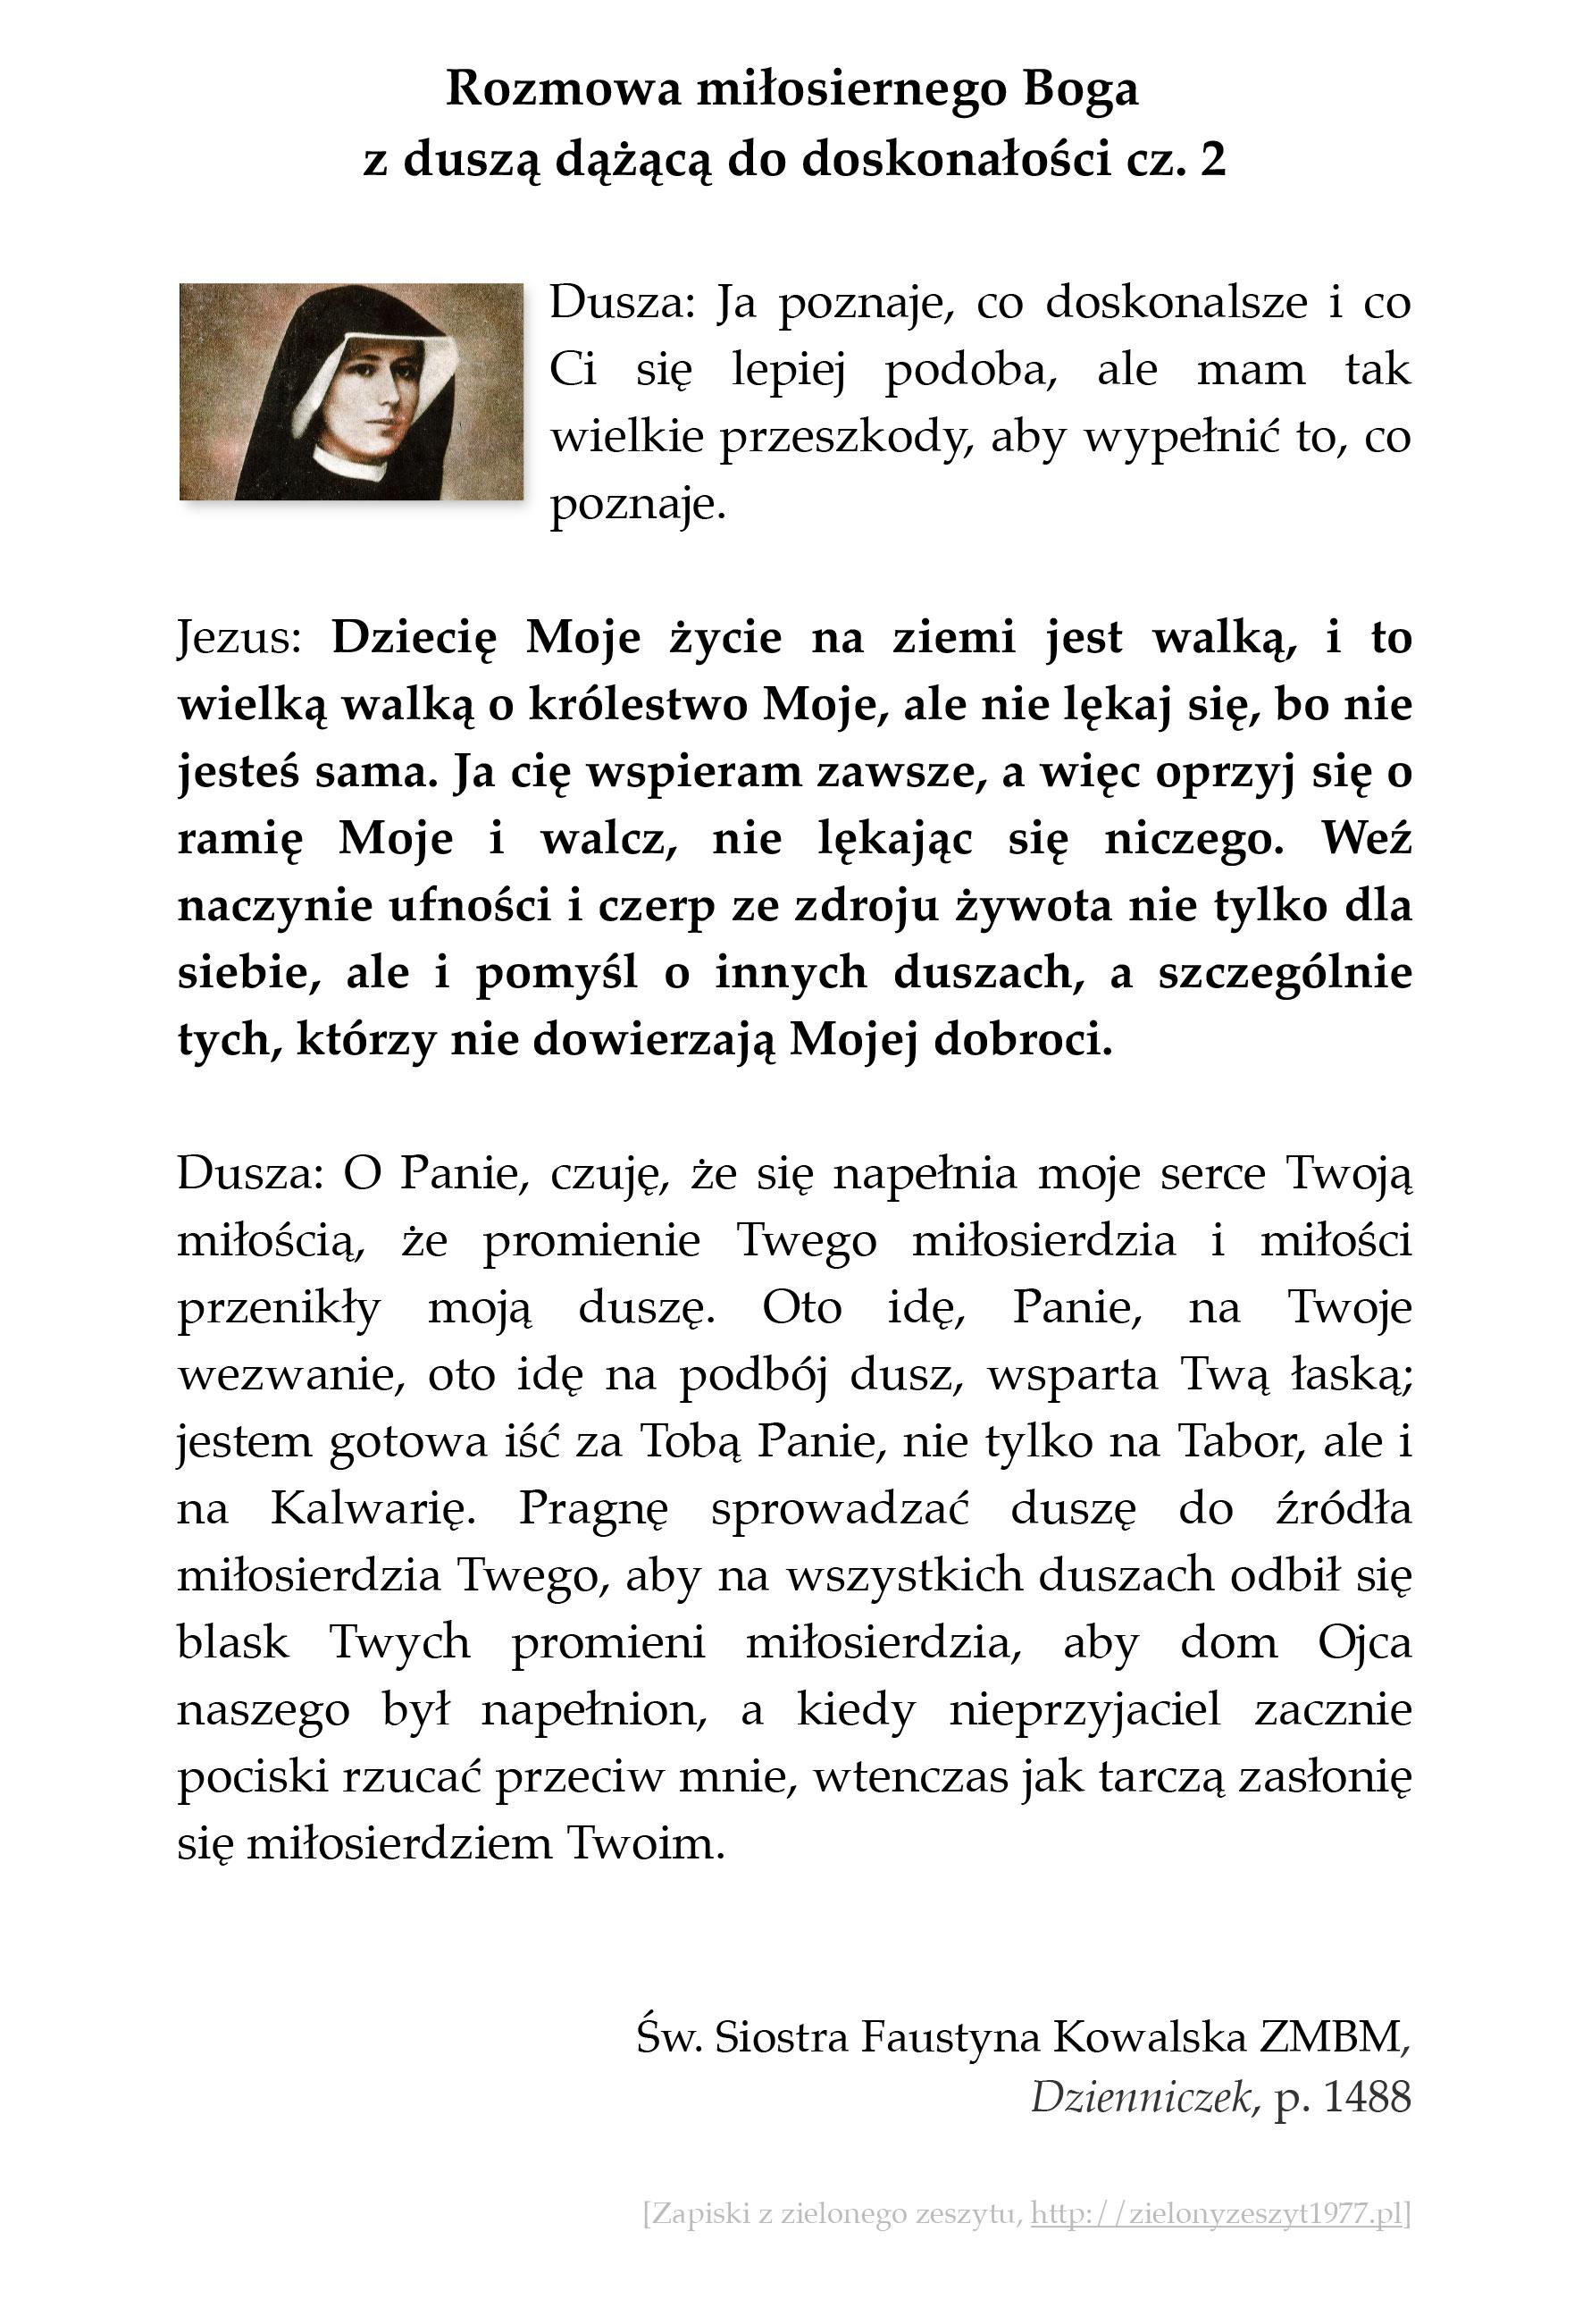 Rozmowa miłosiernego Boga z duszą dążącą do doskonałości - cz. 2; św. Faustyna Kowalska